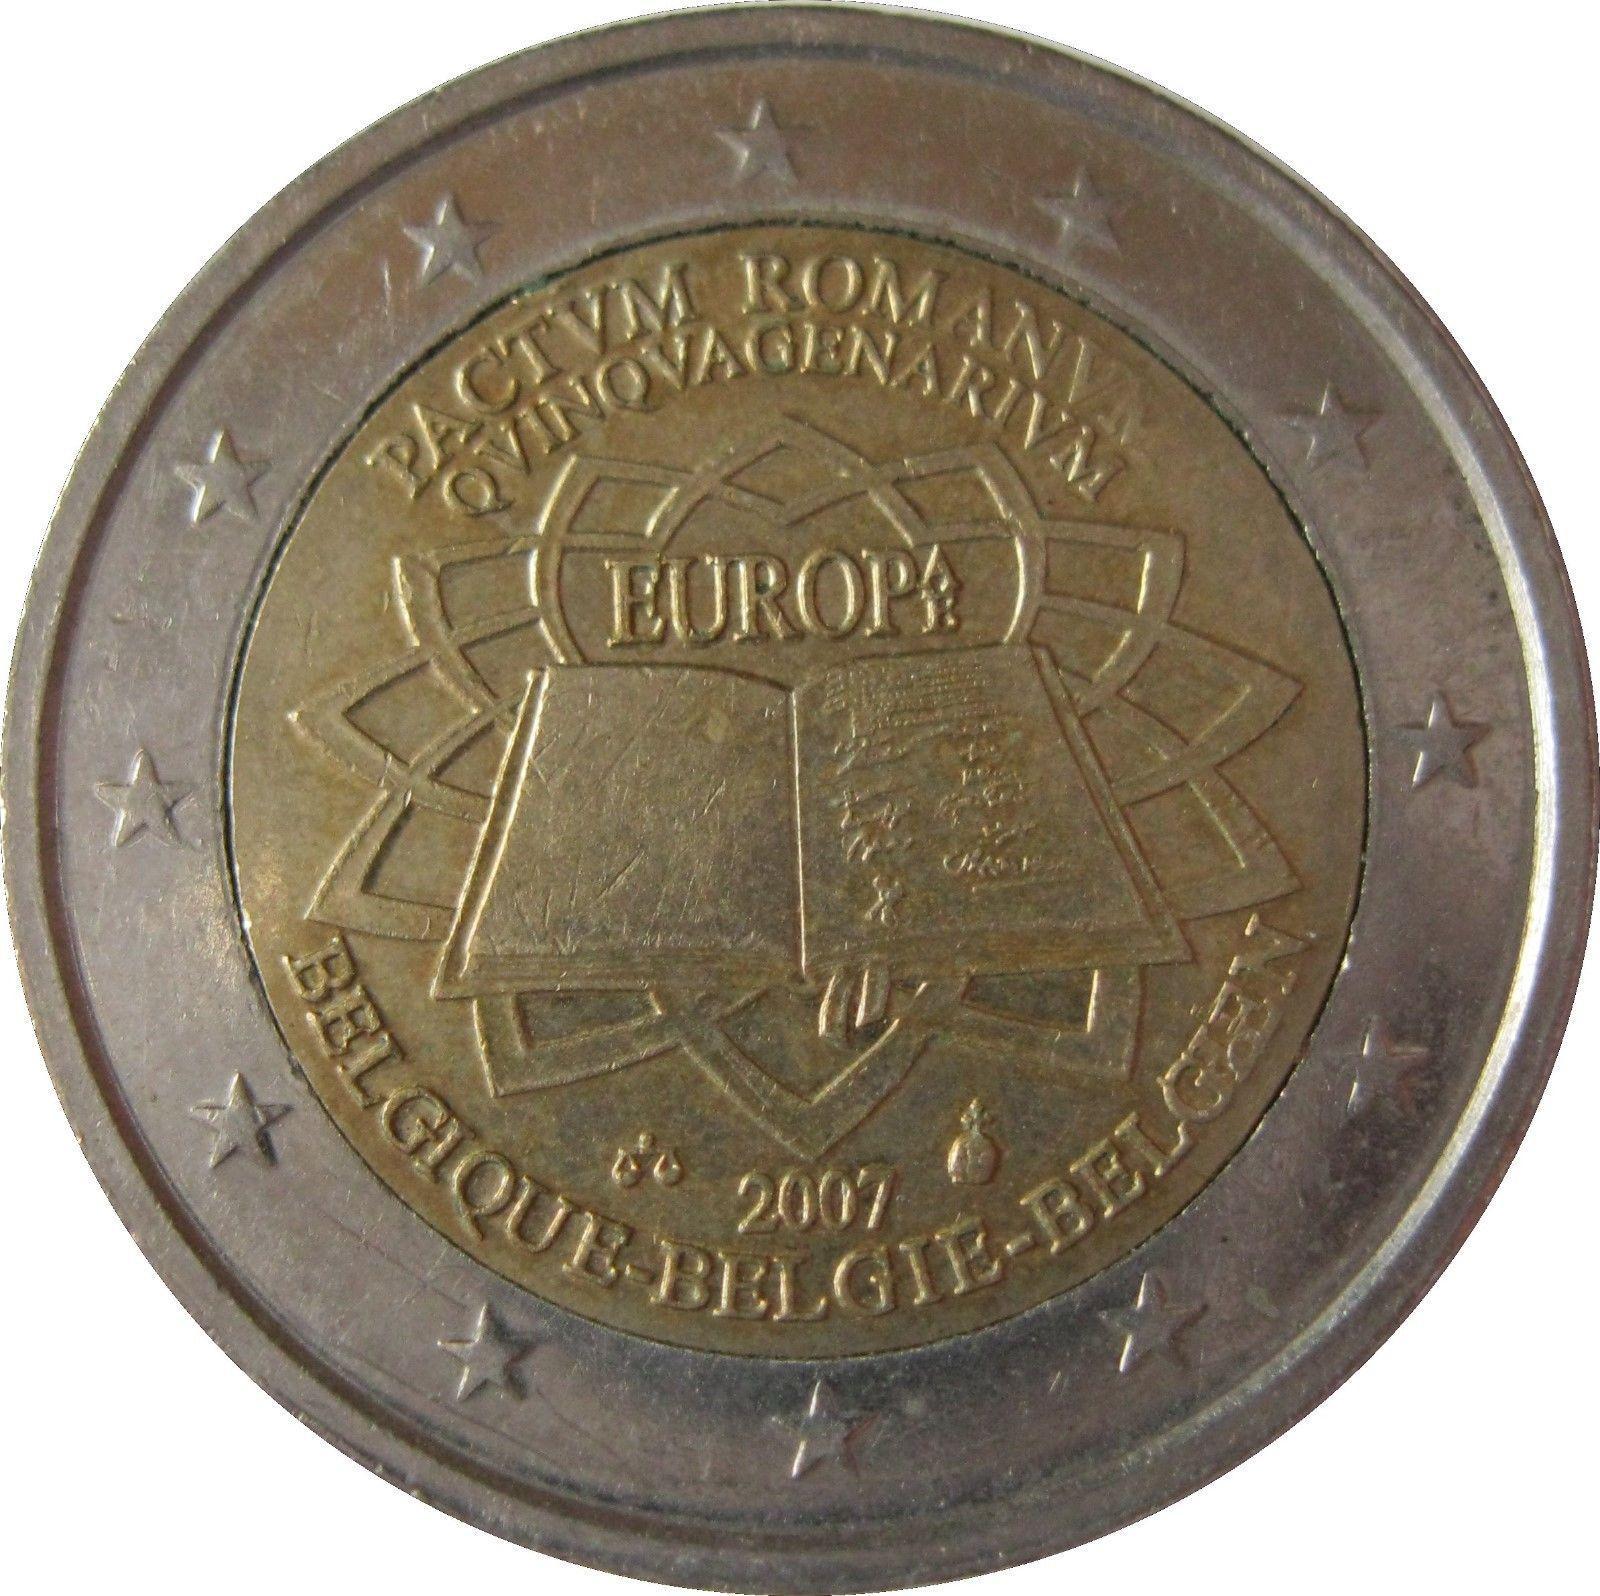 Монета номиналом 2 евро (Бельгия), посвященная 50-летию Римского договора. Источник https://static.raritetus.ru/